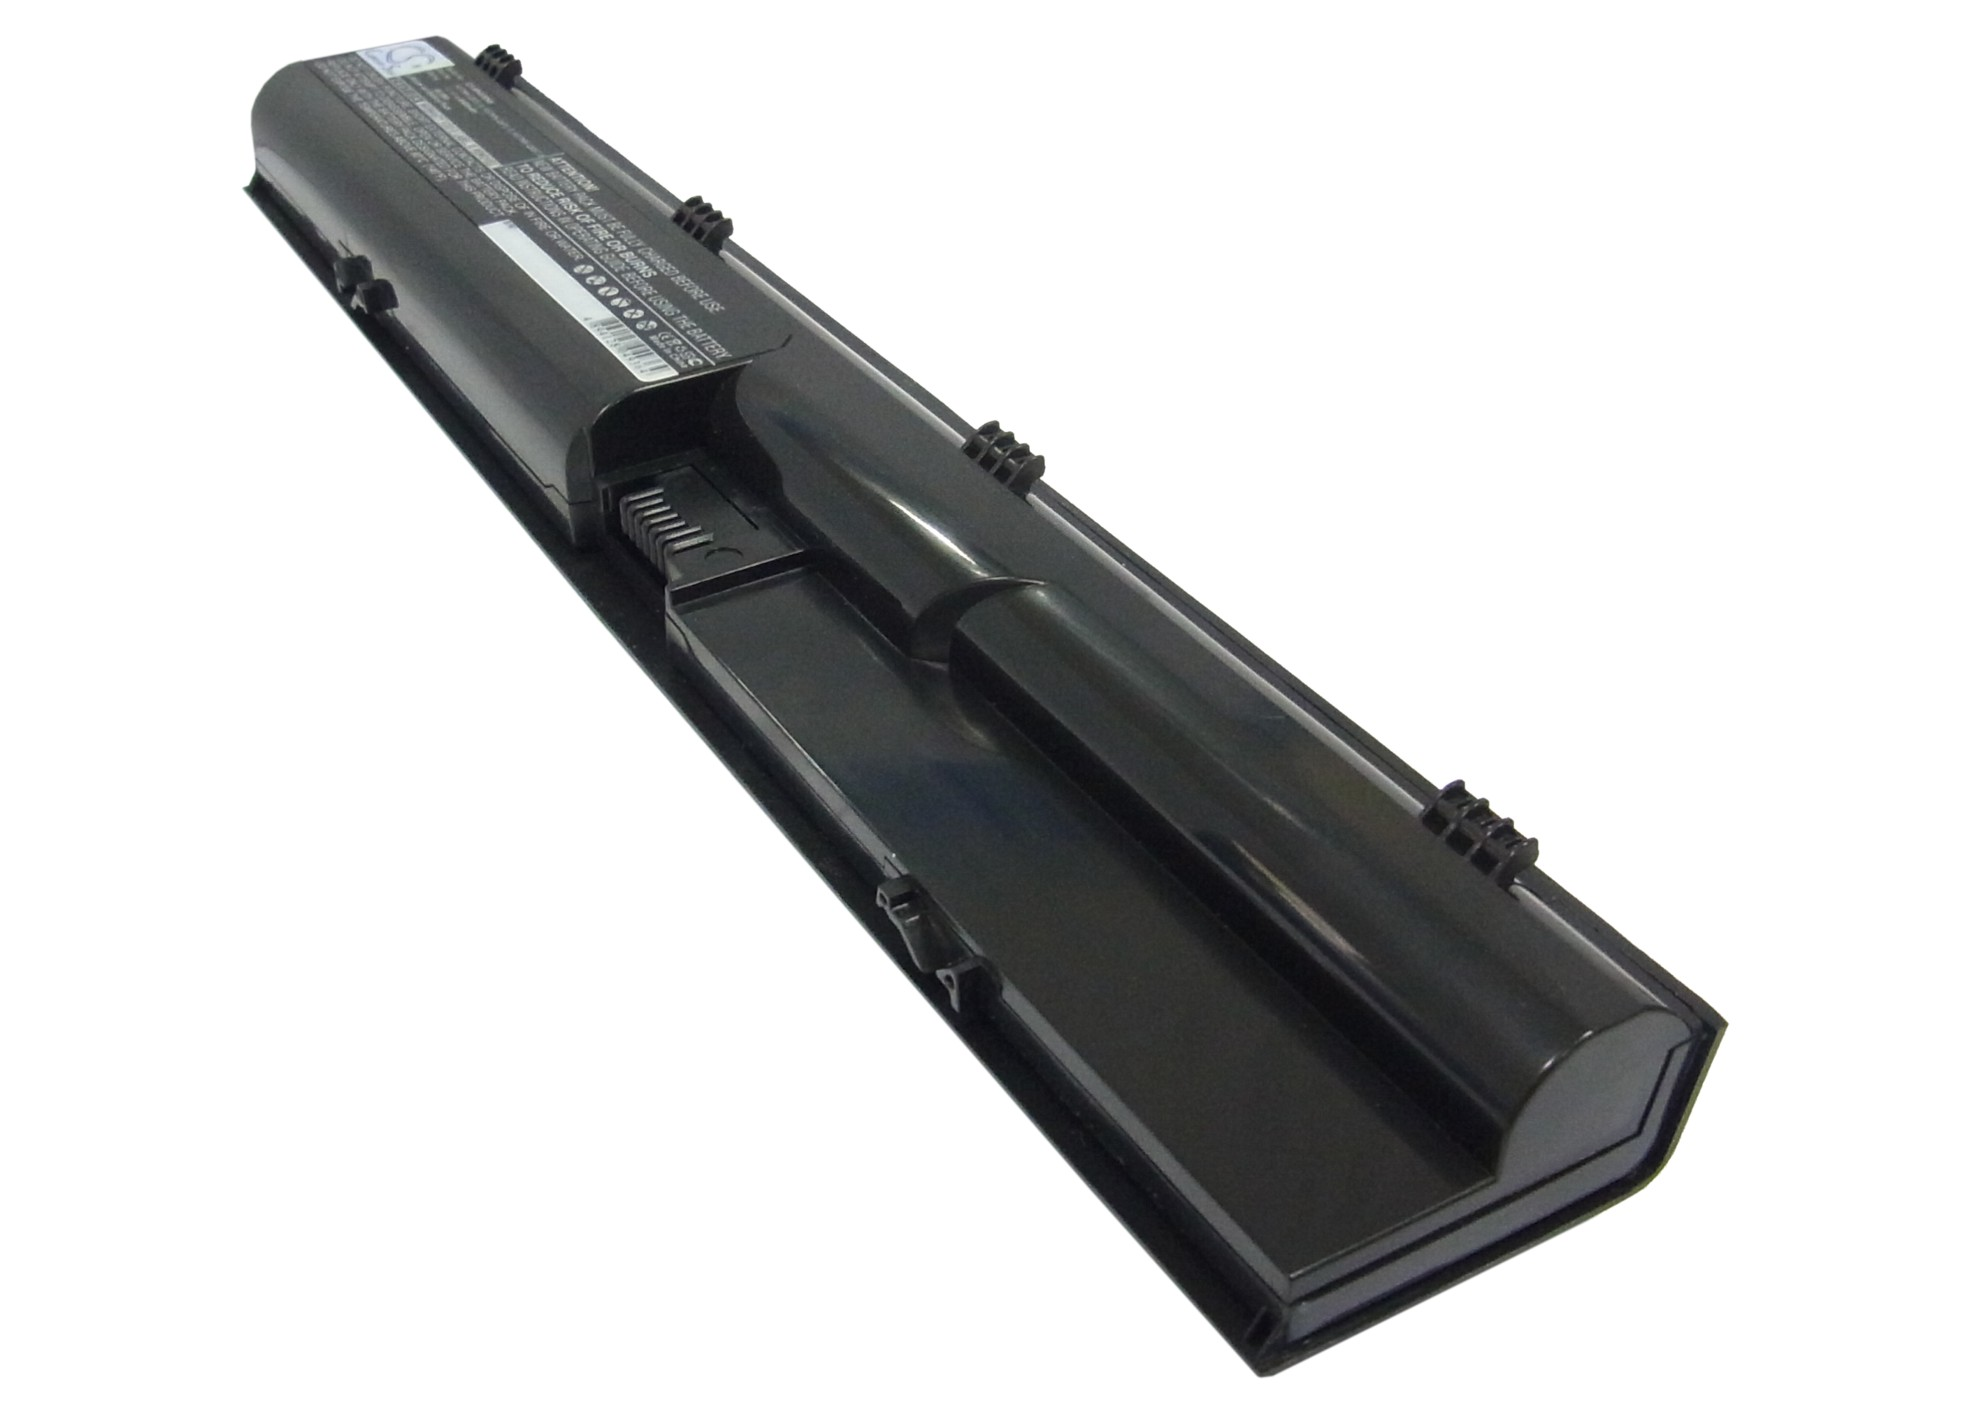 Cameron Sino baterie do notebooků pro HP ProBook 4535s 11.1V Li-ion 4400mAh černá - neoriginální